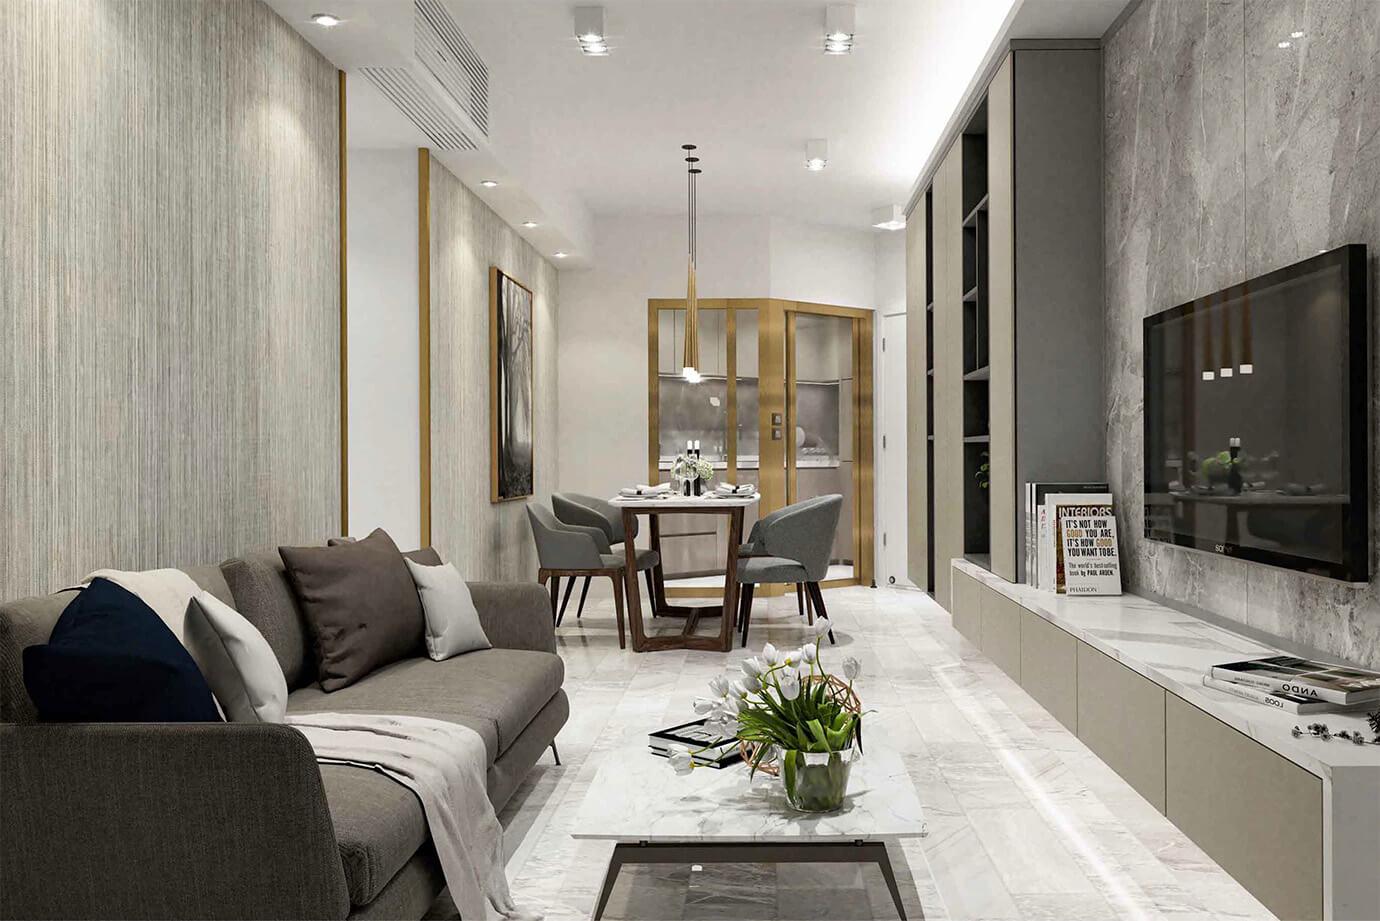 Inch Interior Design Hong Kong